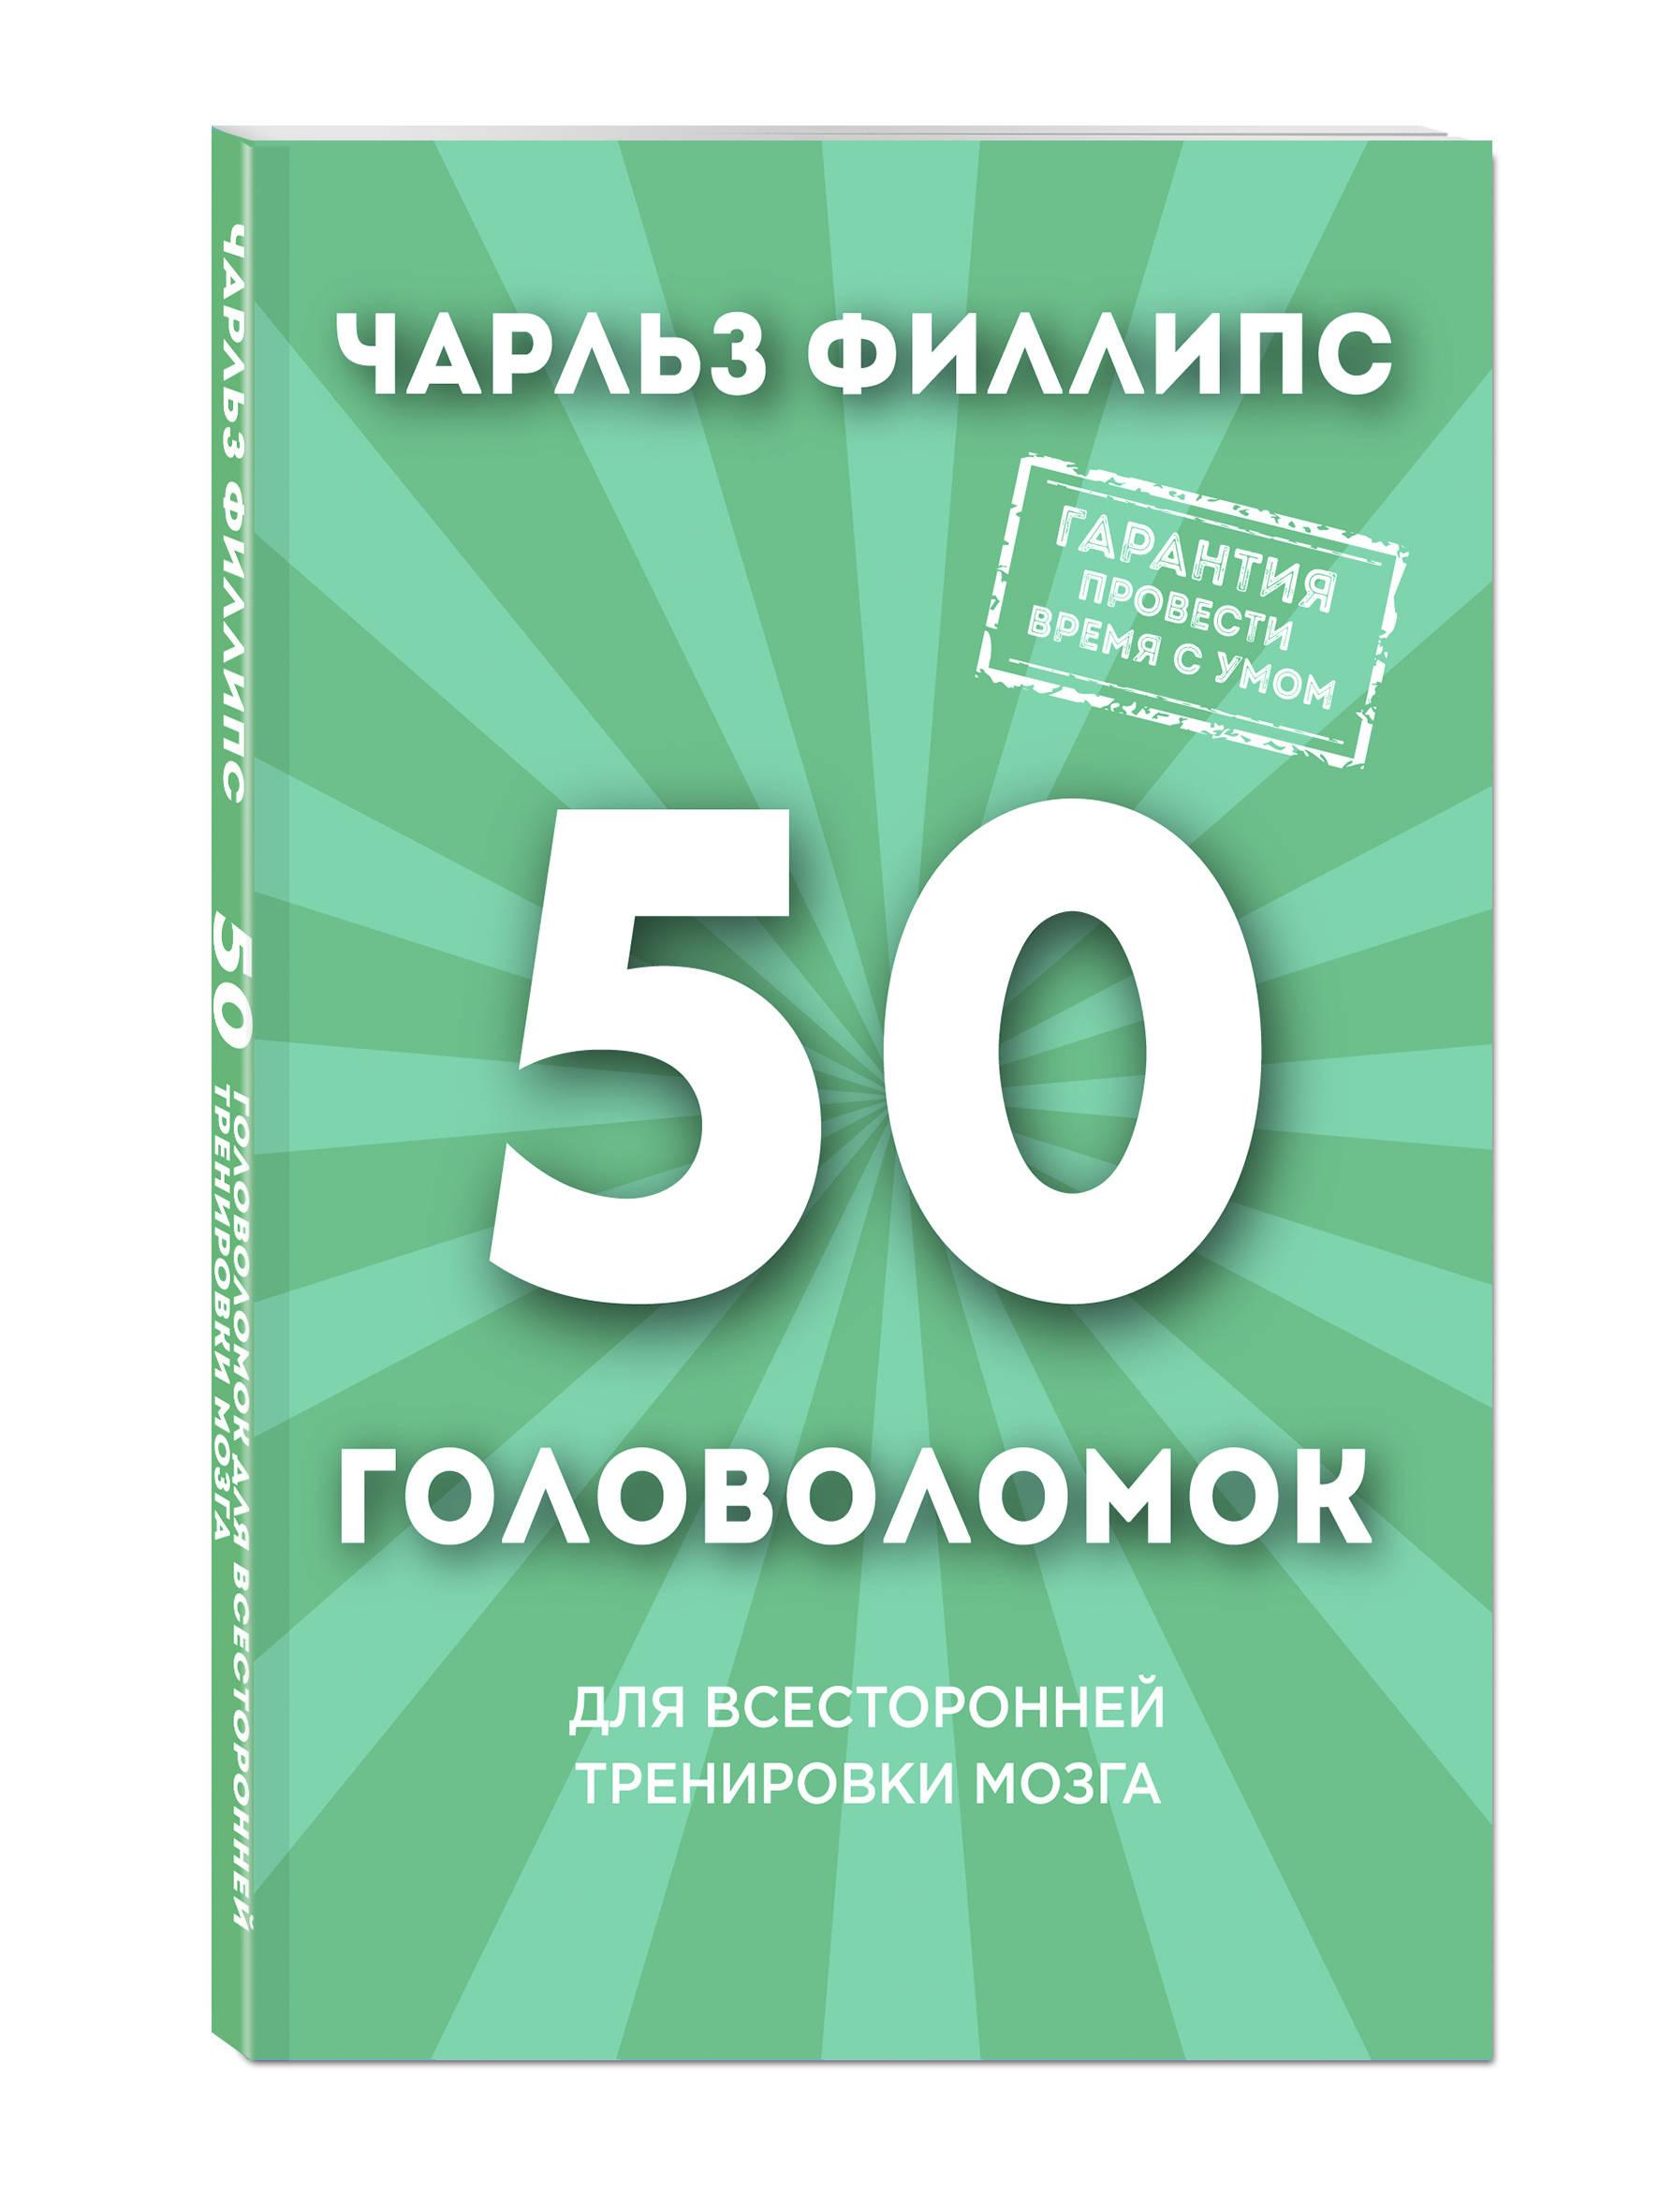 50 головоломок для всесторонней тренировки мозга